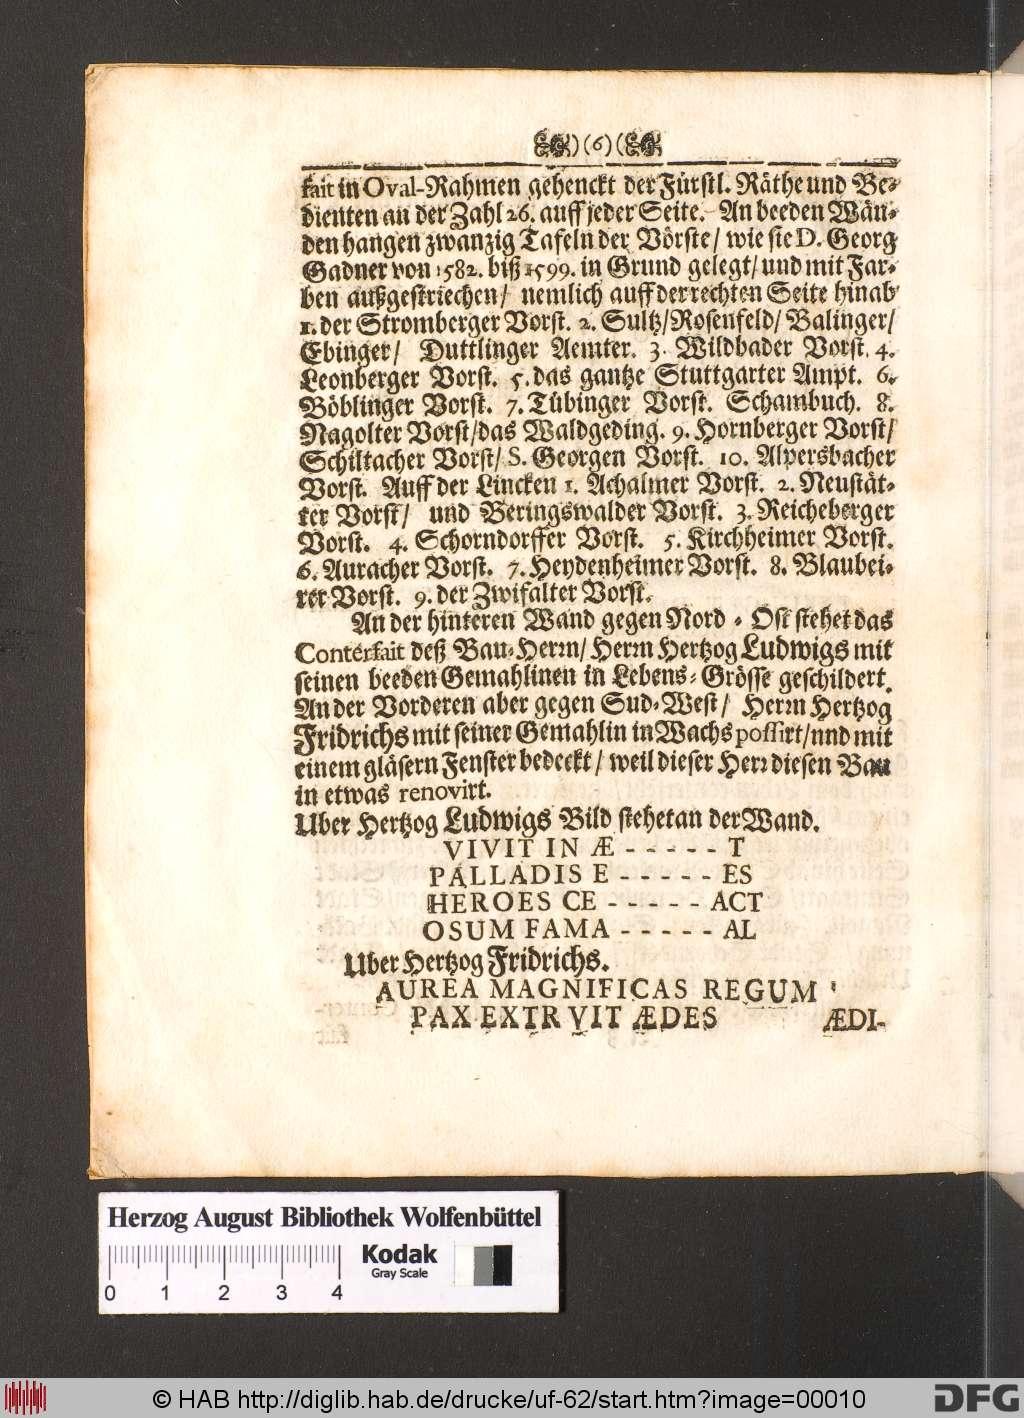 http://diglib.hab.de/drucke/uf-62/00010.jpg